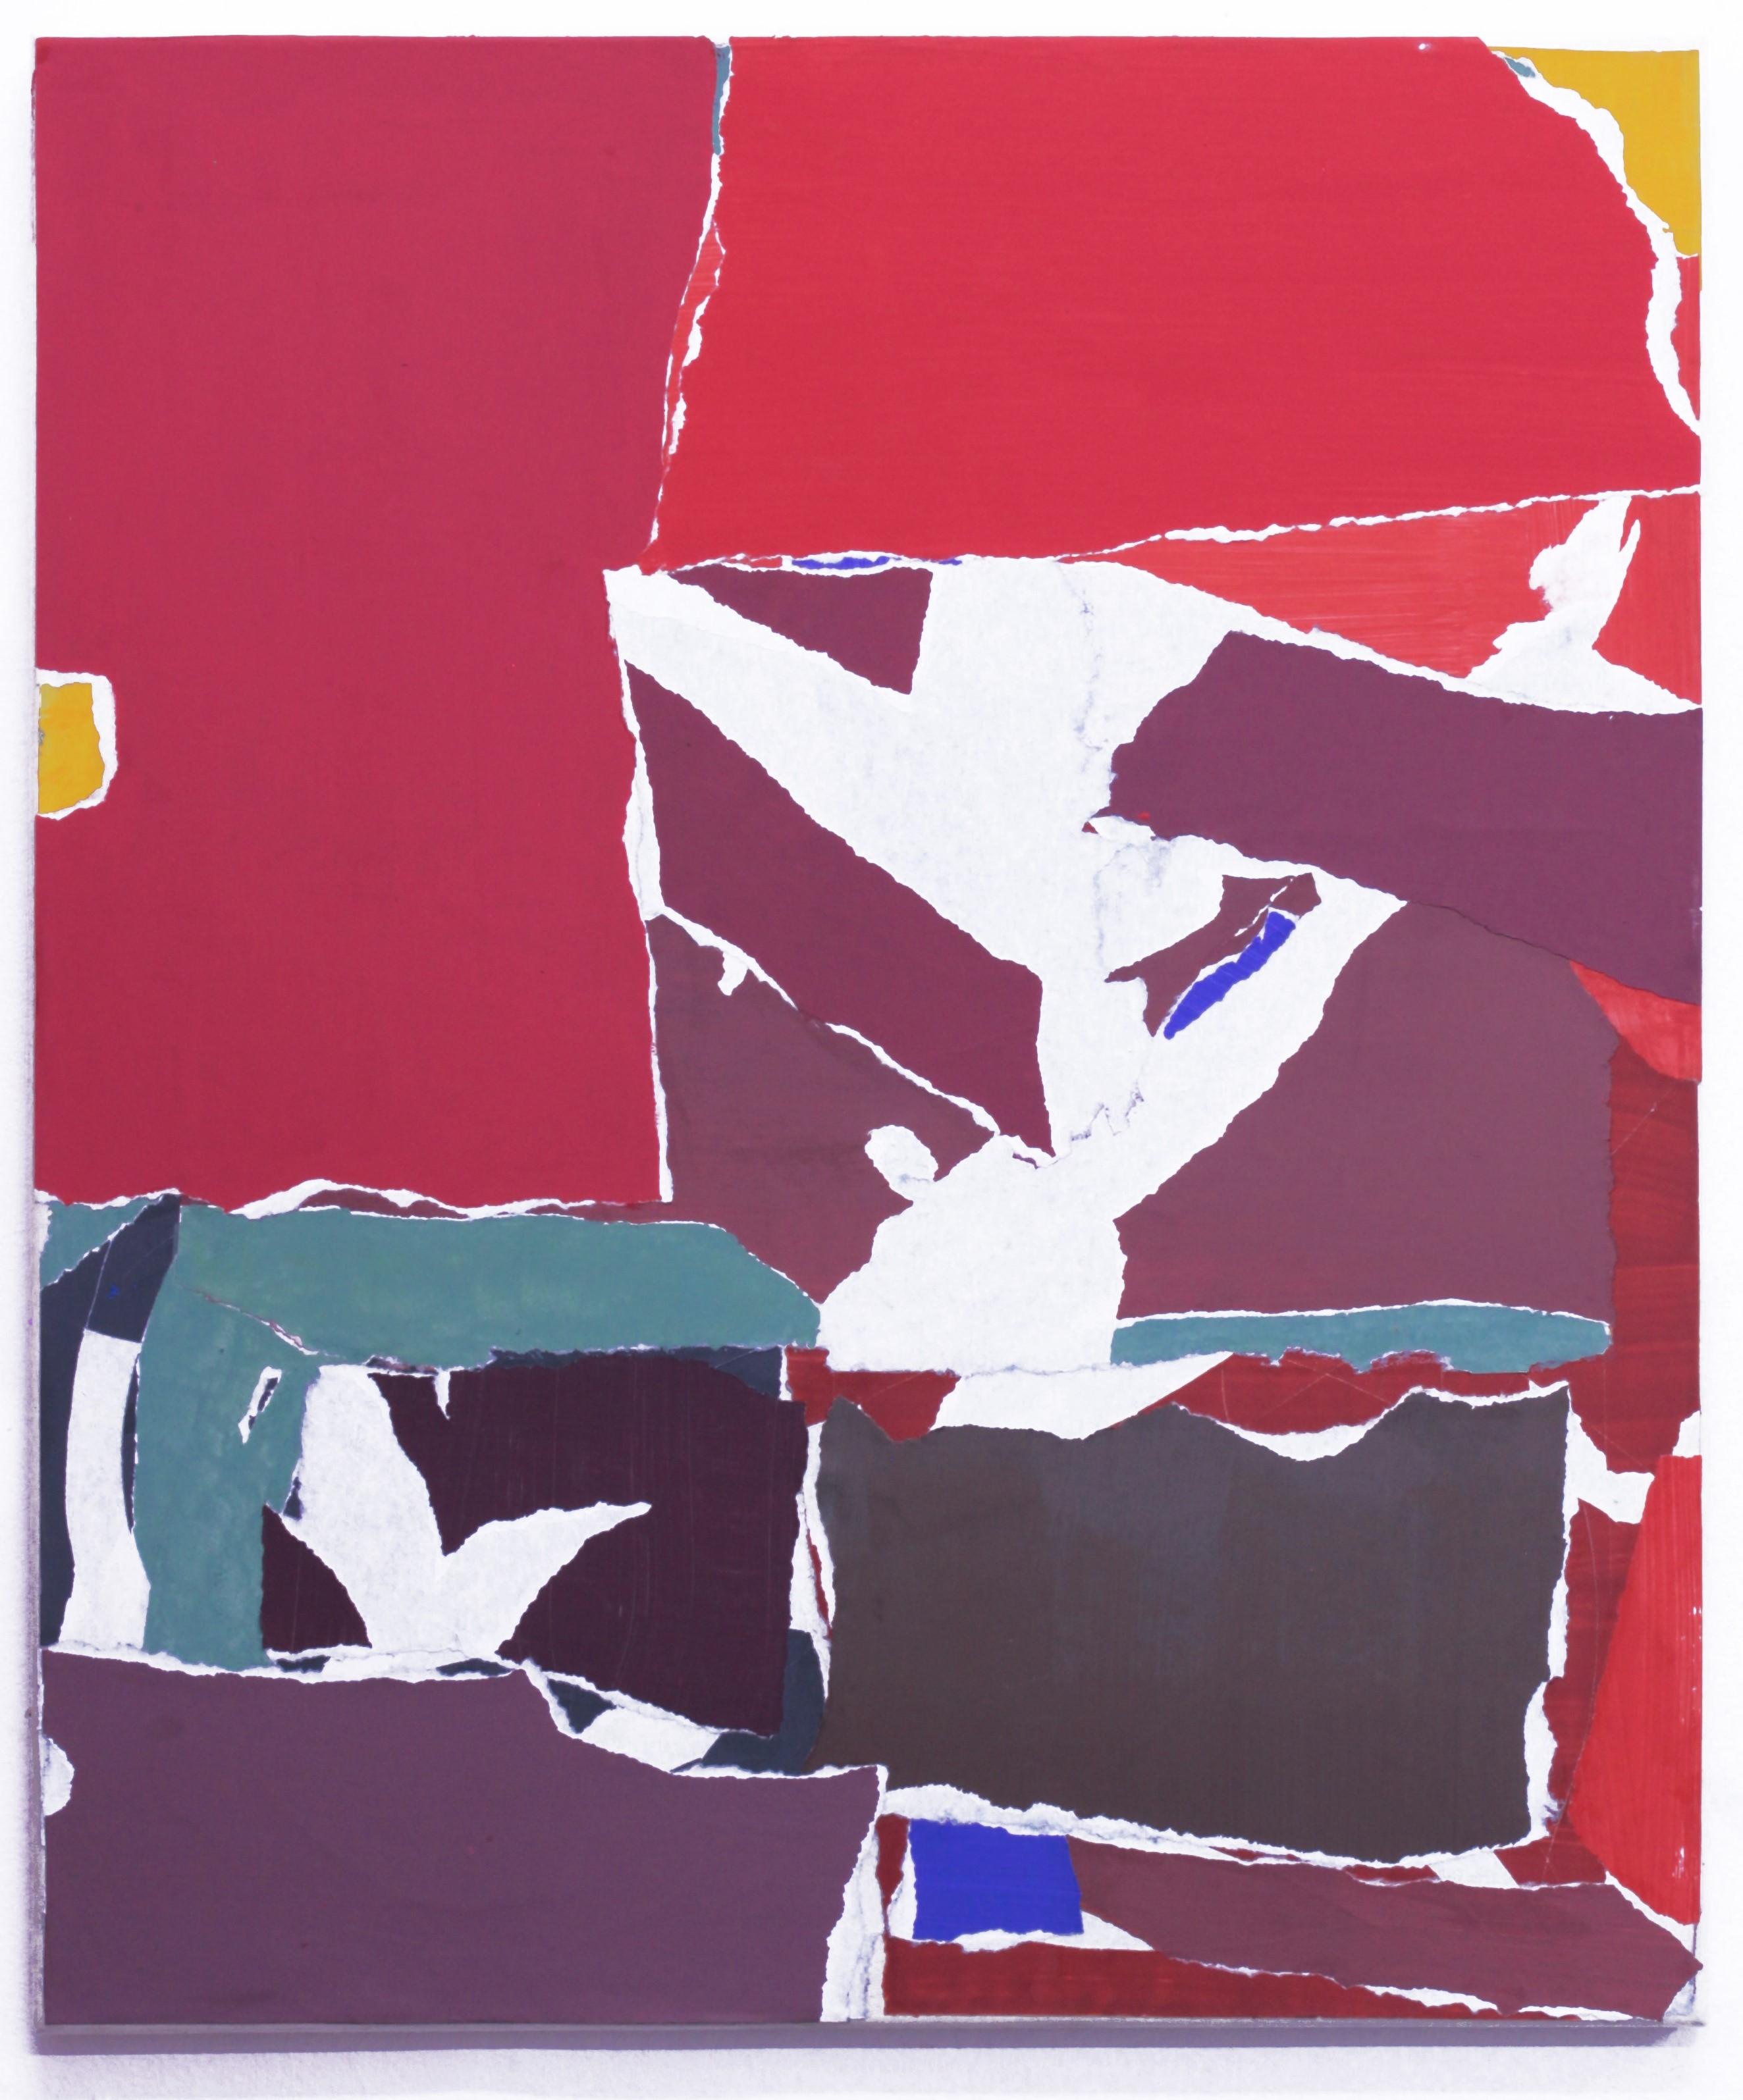 To My Twenties - Lot 3, Antoine Langenieux-Villard, Self-Portrait (Baïne)